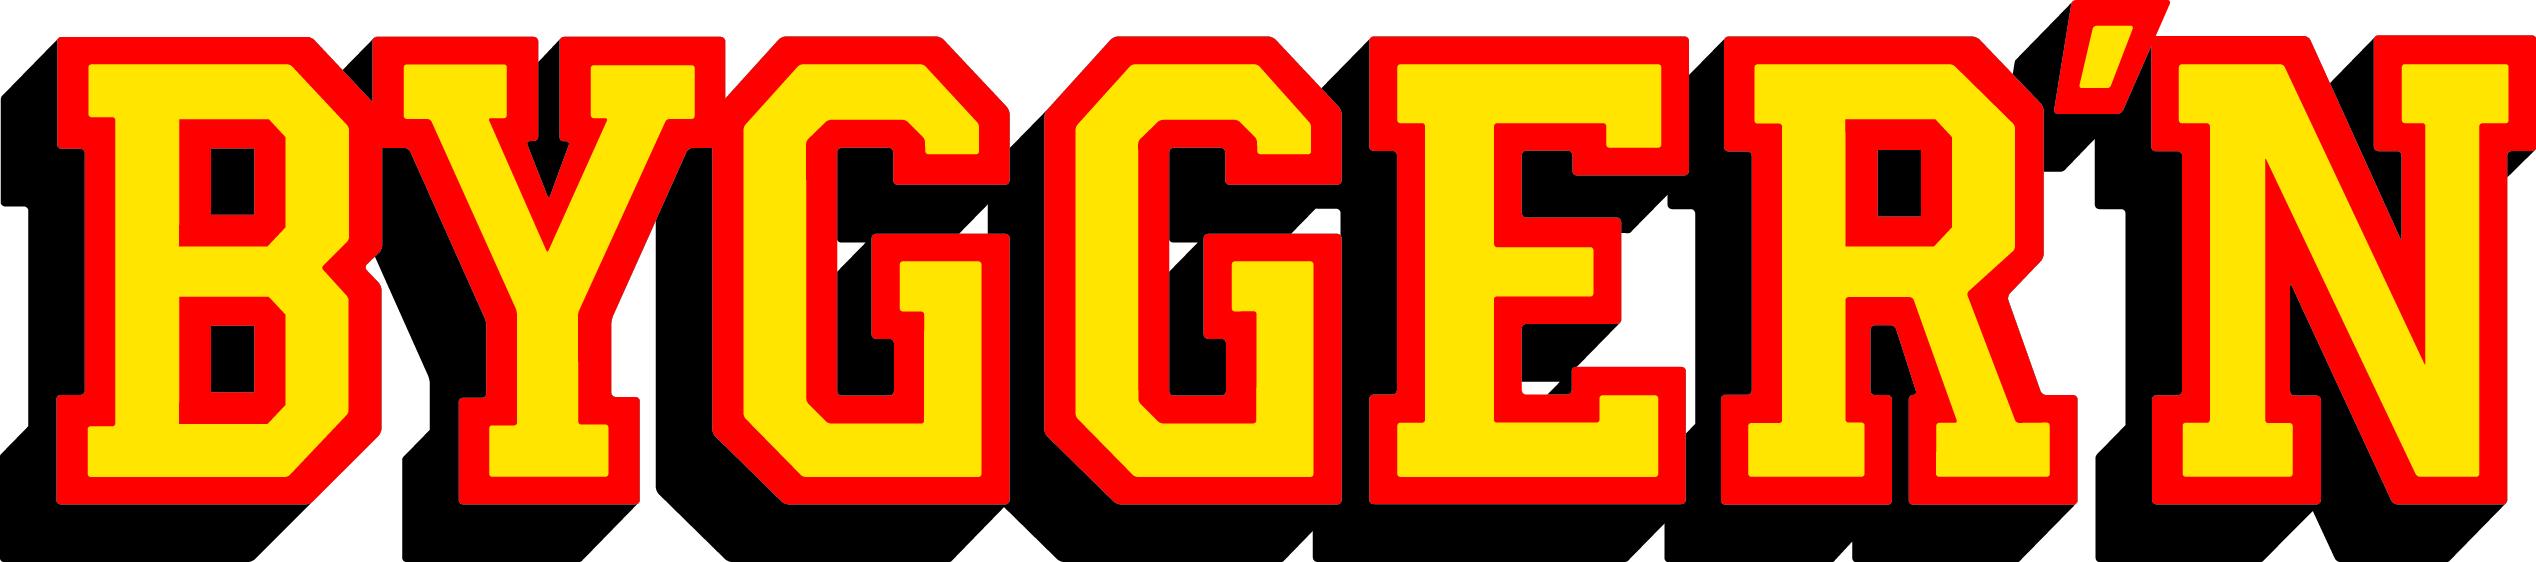 Logo-Byggern-m-skygge-ESM-00031_jpg